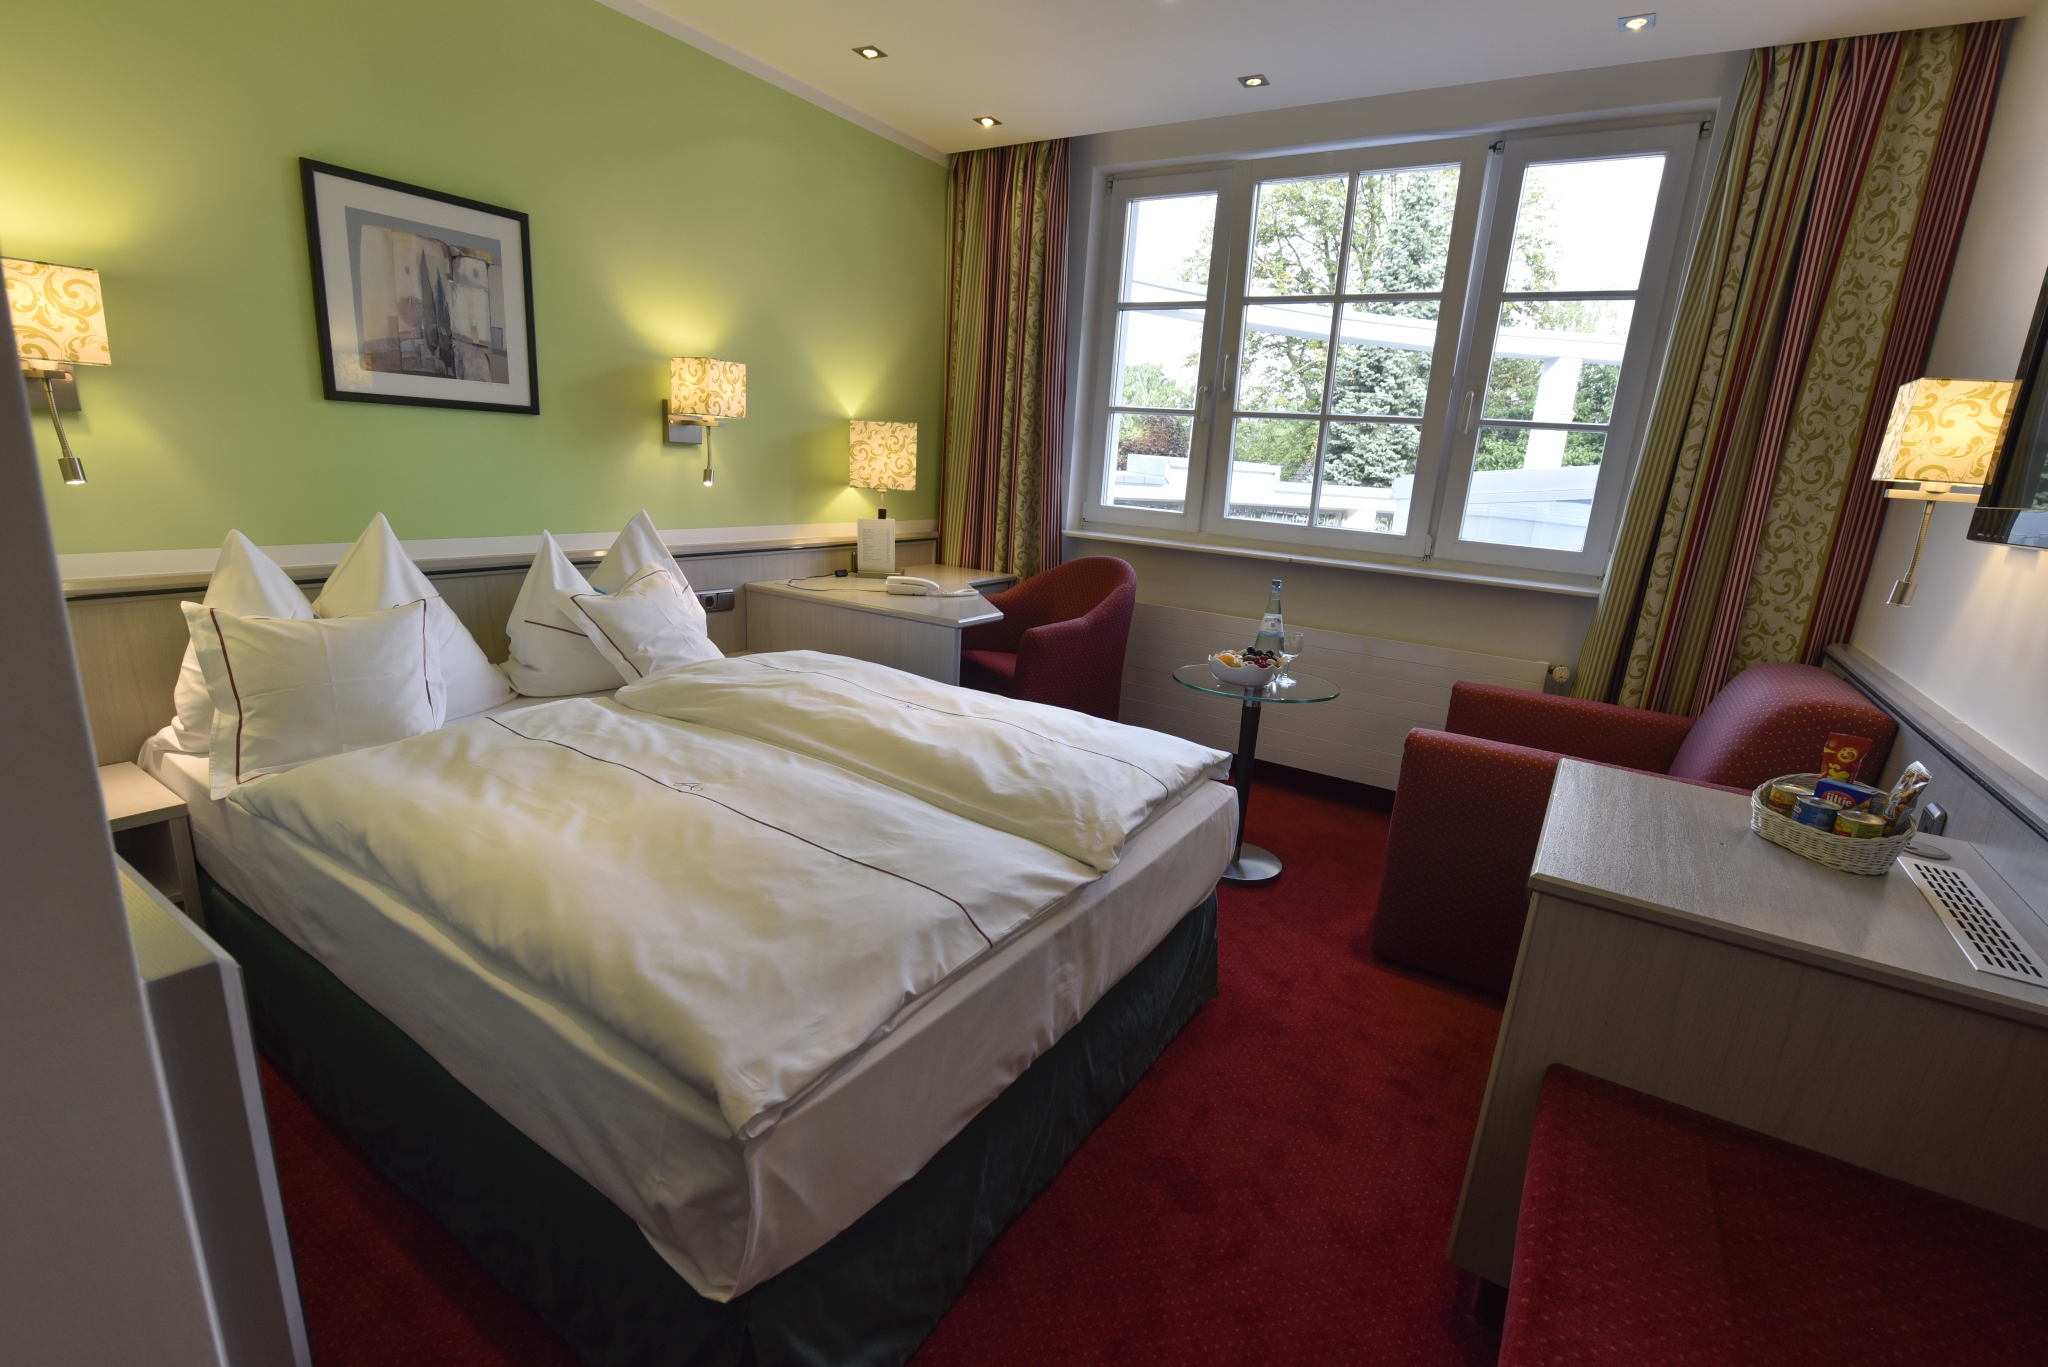 Full Size of Bett Hotel Landhaus Alpinia Mit Stauraum Barock Rutsche 160x200 Schutzgitter Betten Outlet Bock Tojo Bette Badewannen Schlafzimmer 180x200 Jugend Erhöhtes Bett Bett 1.40